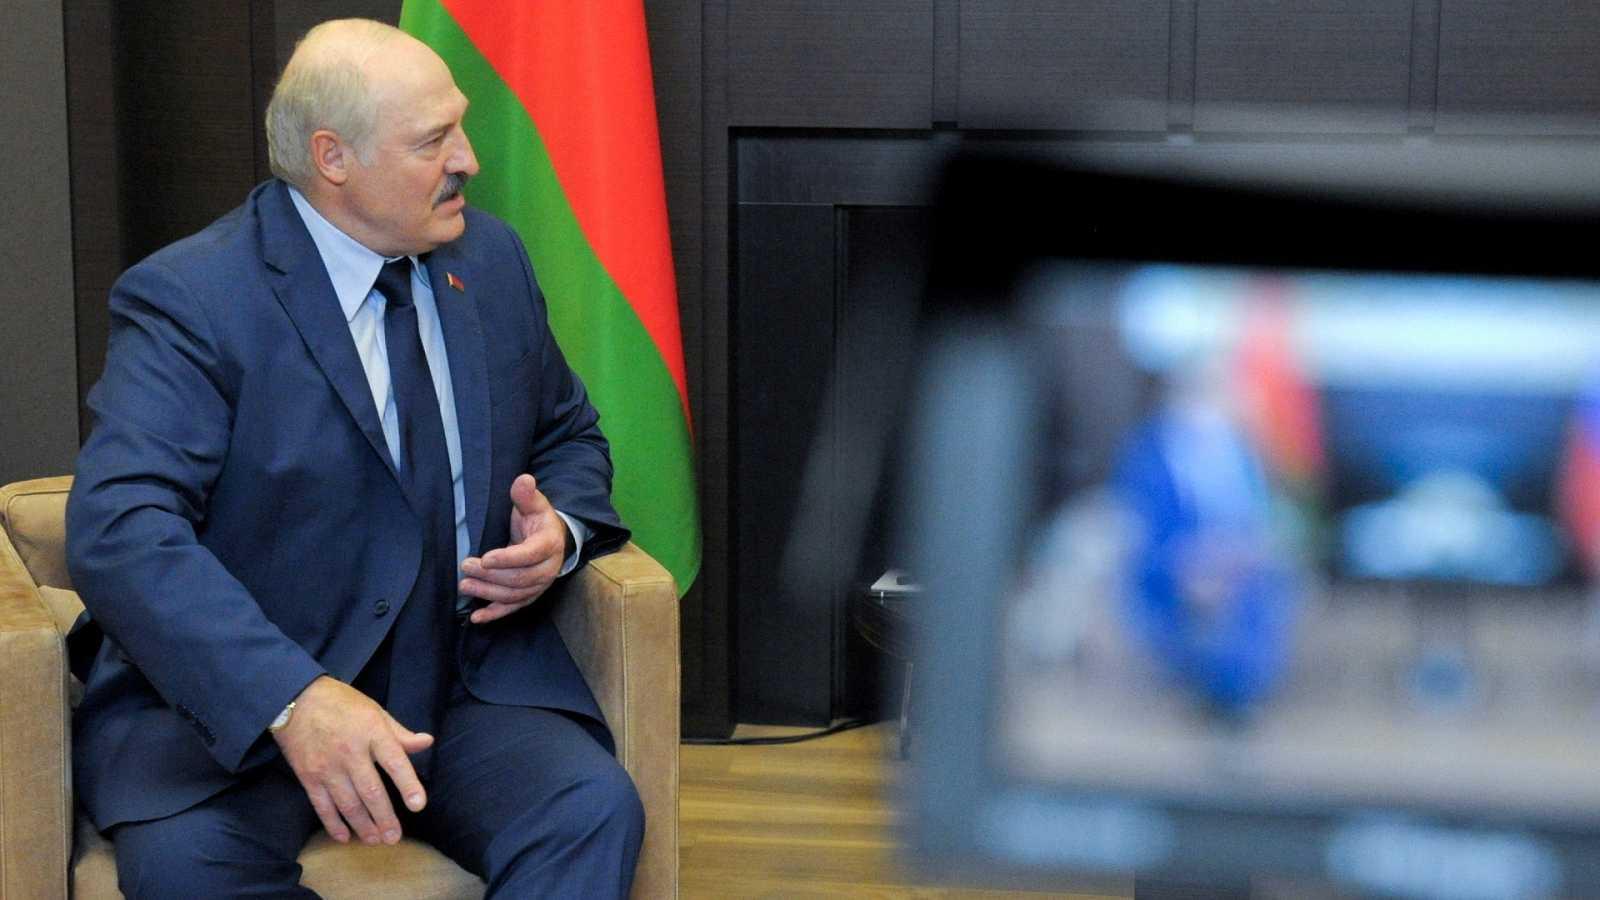 El presidente bielorruso, Alexandr Lukashenko, en una imagen de archivo.